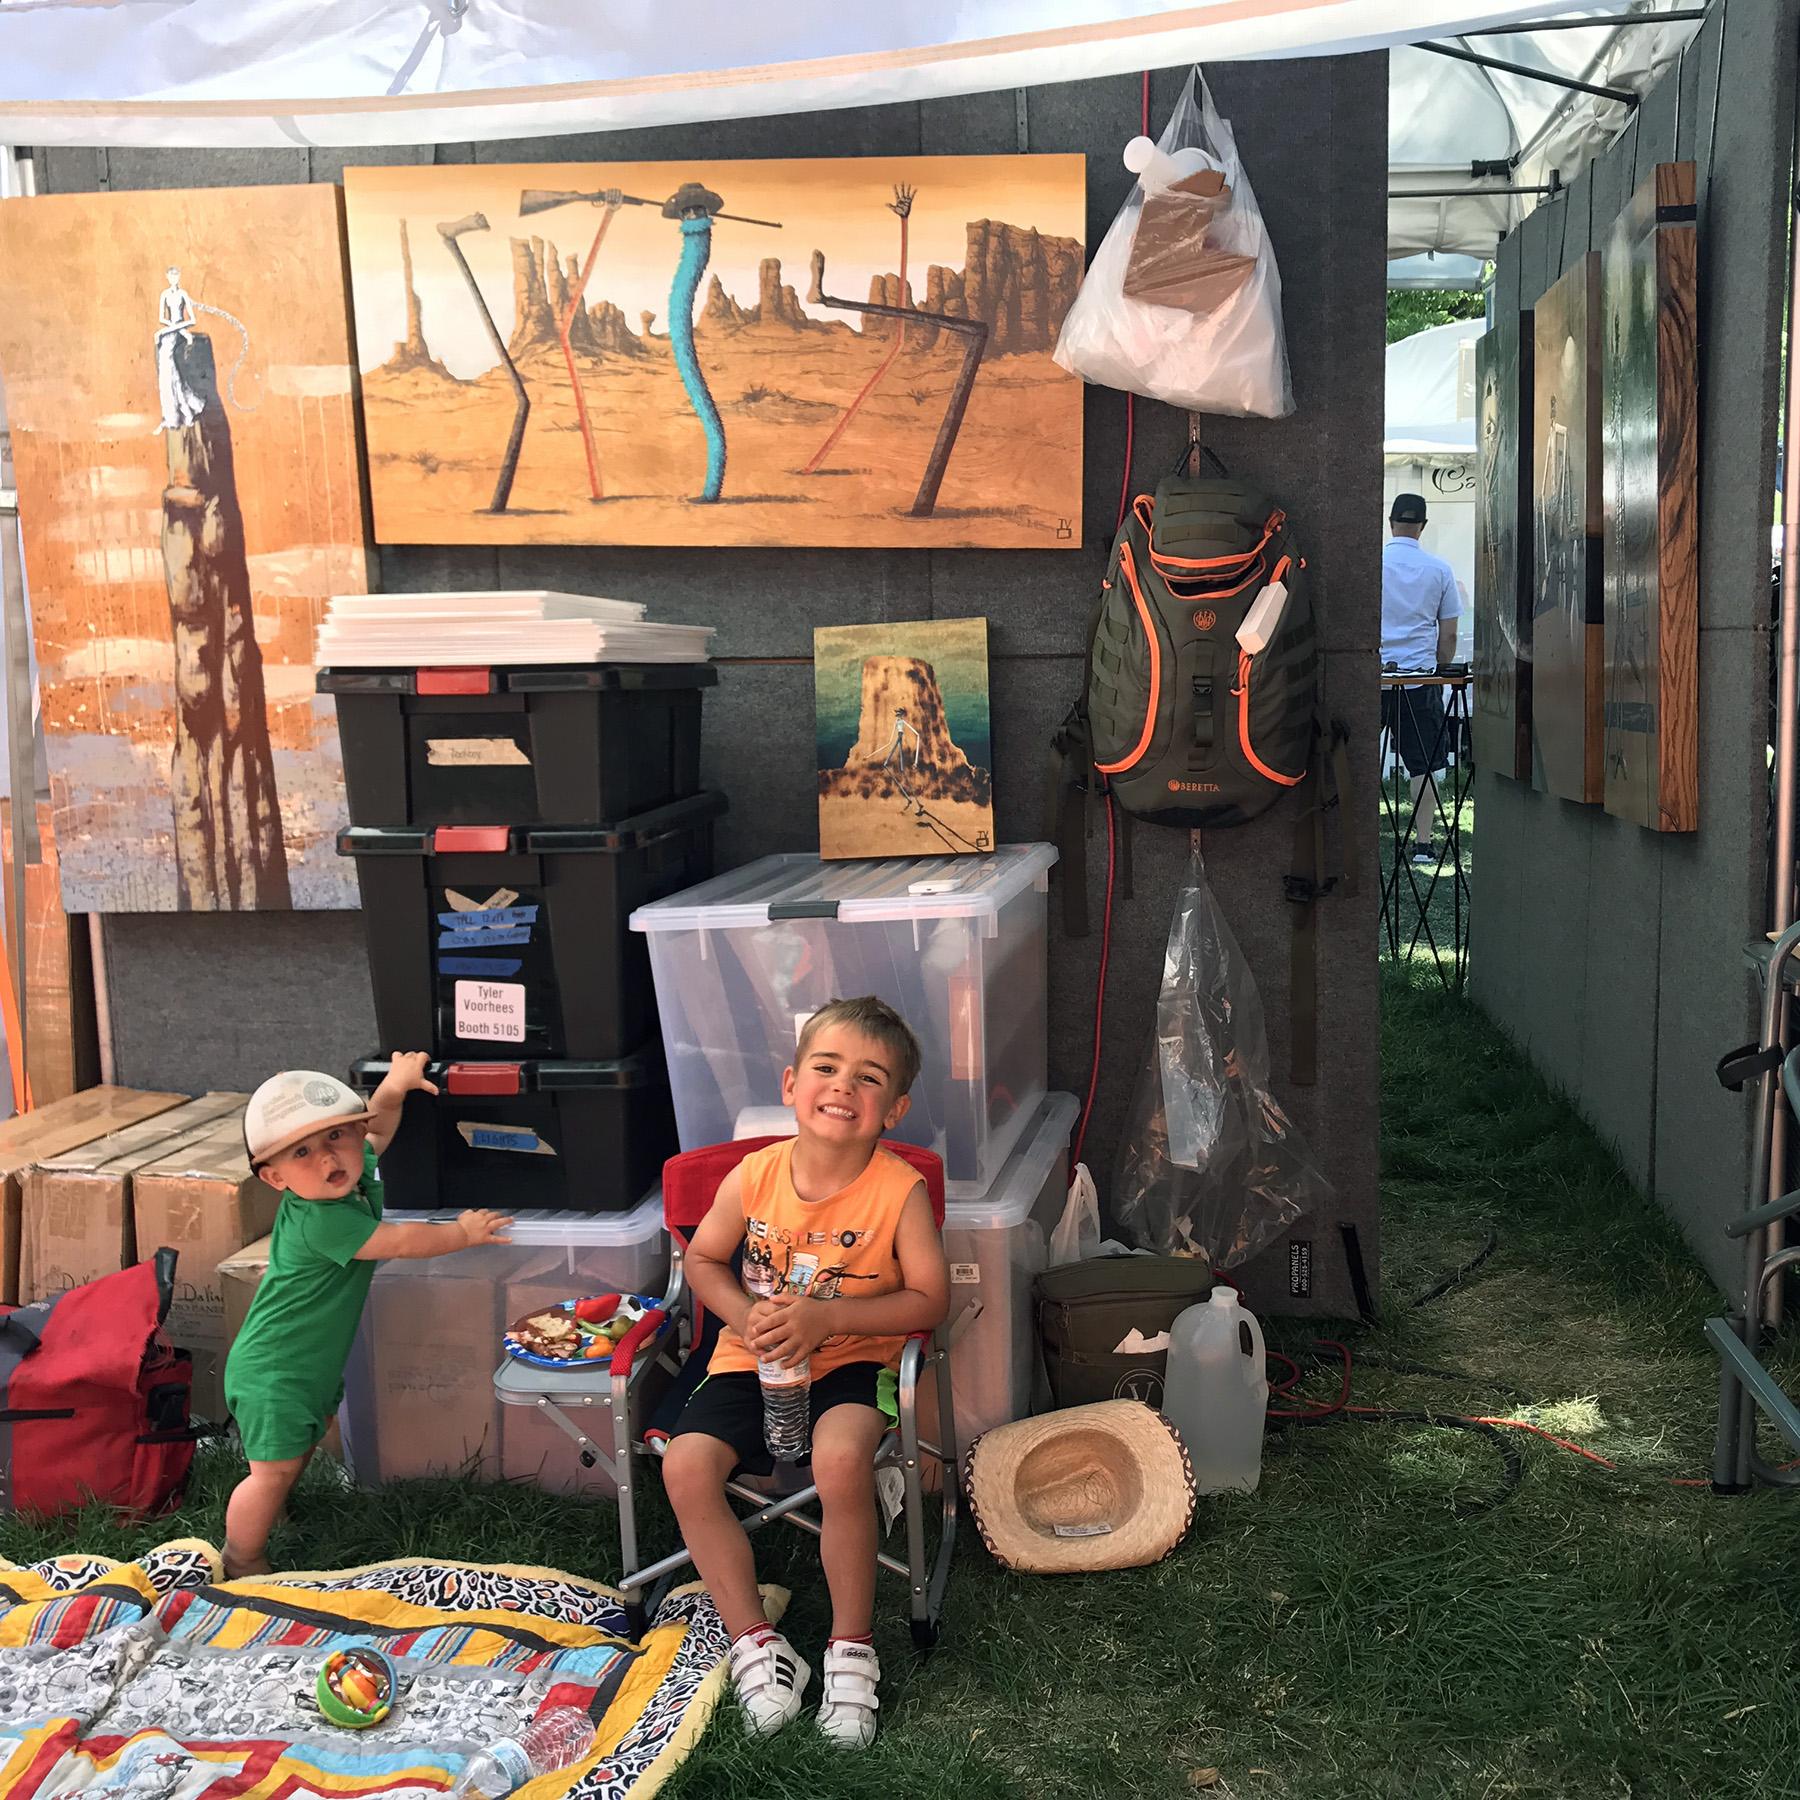 Festival bros | June | Salt Lake City, UT